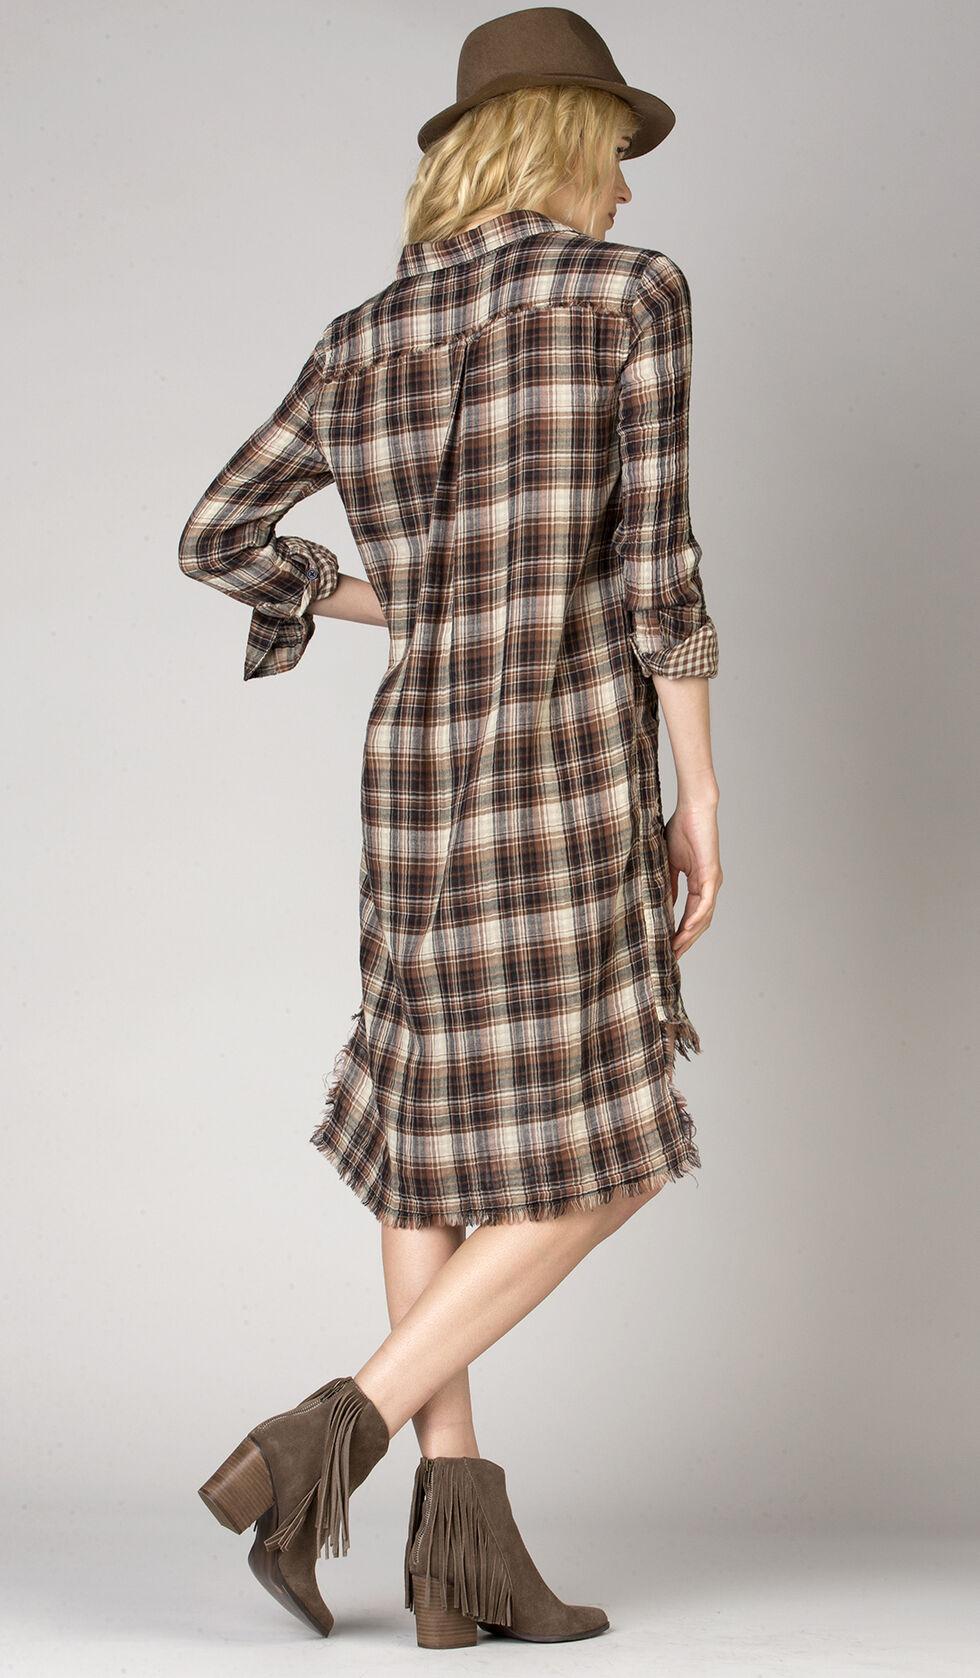 MM Vintage Women's Autumn Trails Plaid Shirt Dress , Brown, hi-res